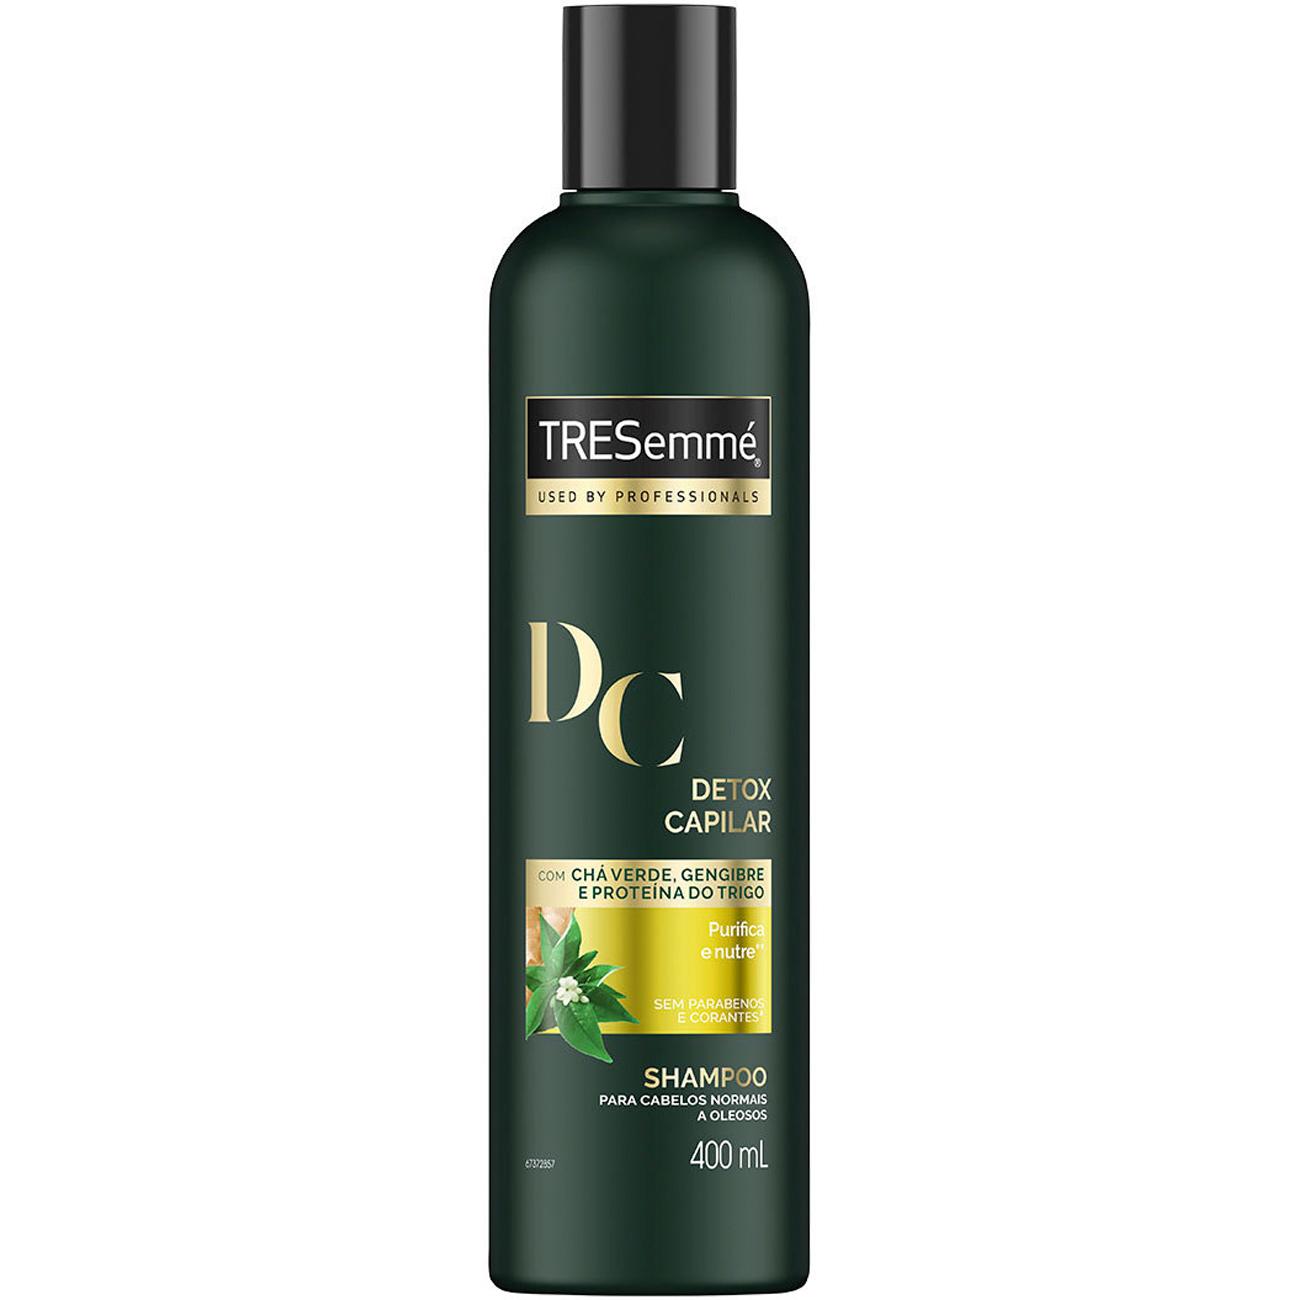 Shampoo Tresemme Detox Capilar 400Ml